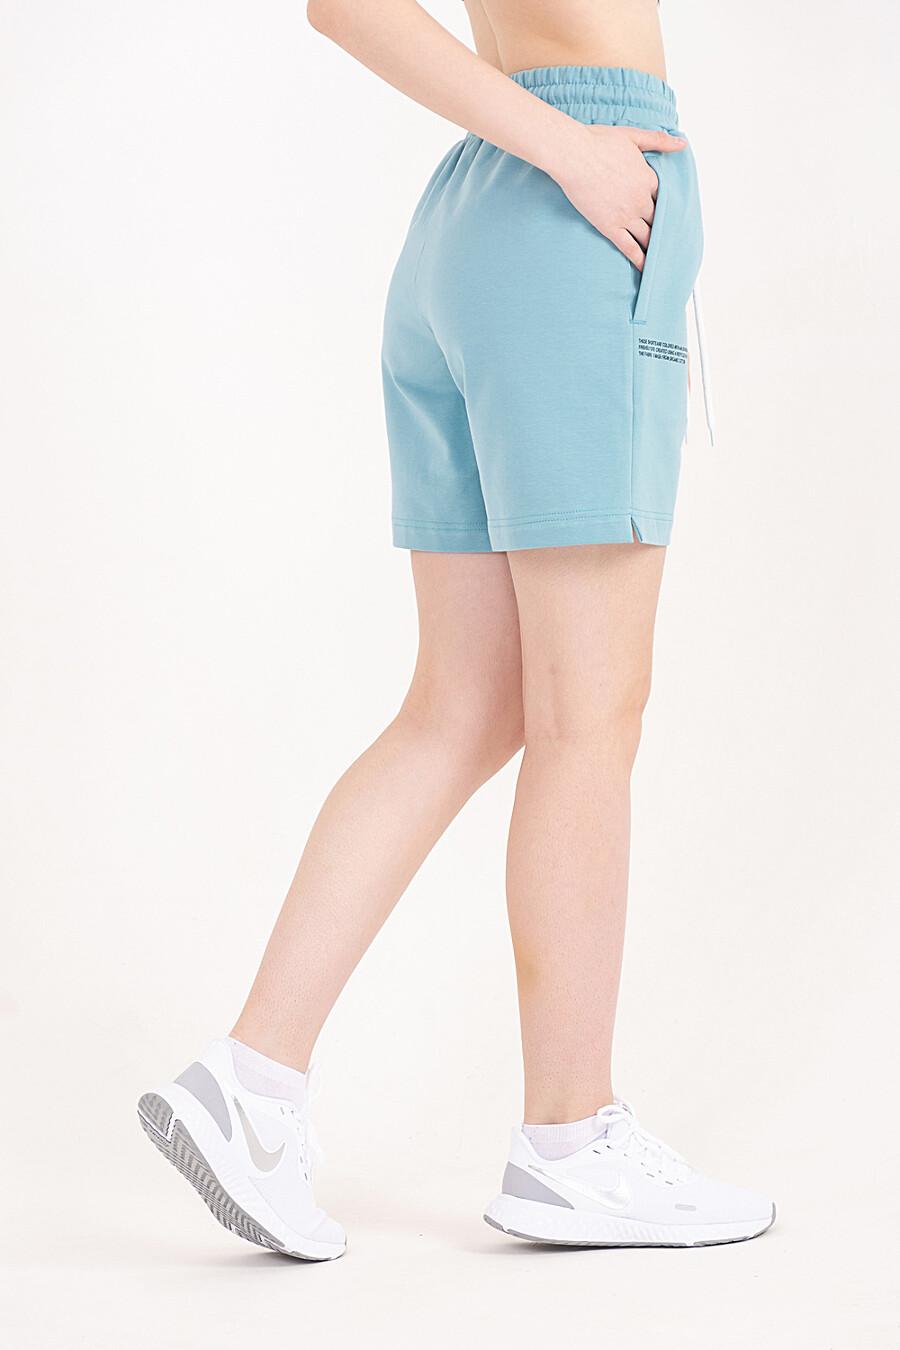 Шорты 16063 для женщин НАТАЛИ 649268 купить оптом от производителя. Совместная покупка женской одежды в OptMoyo